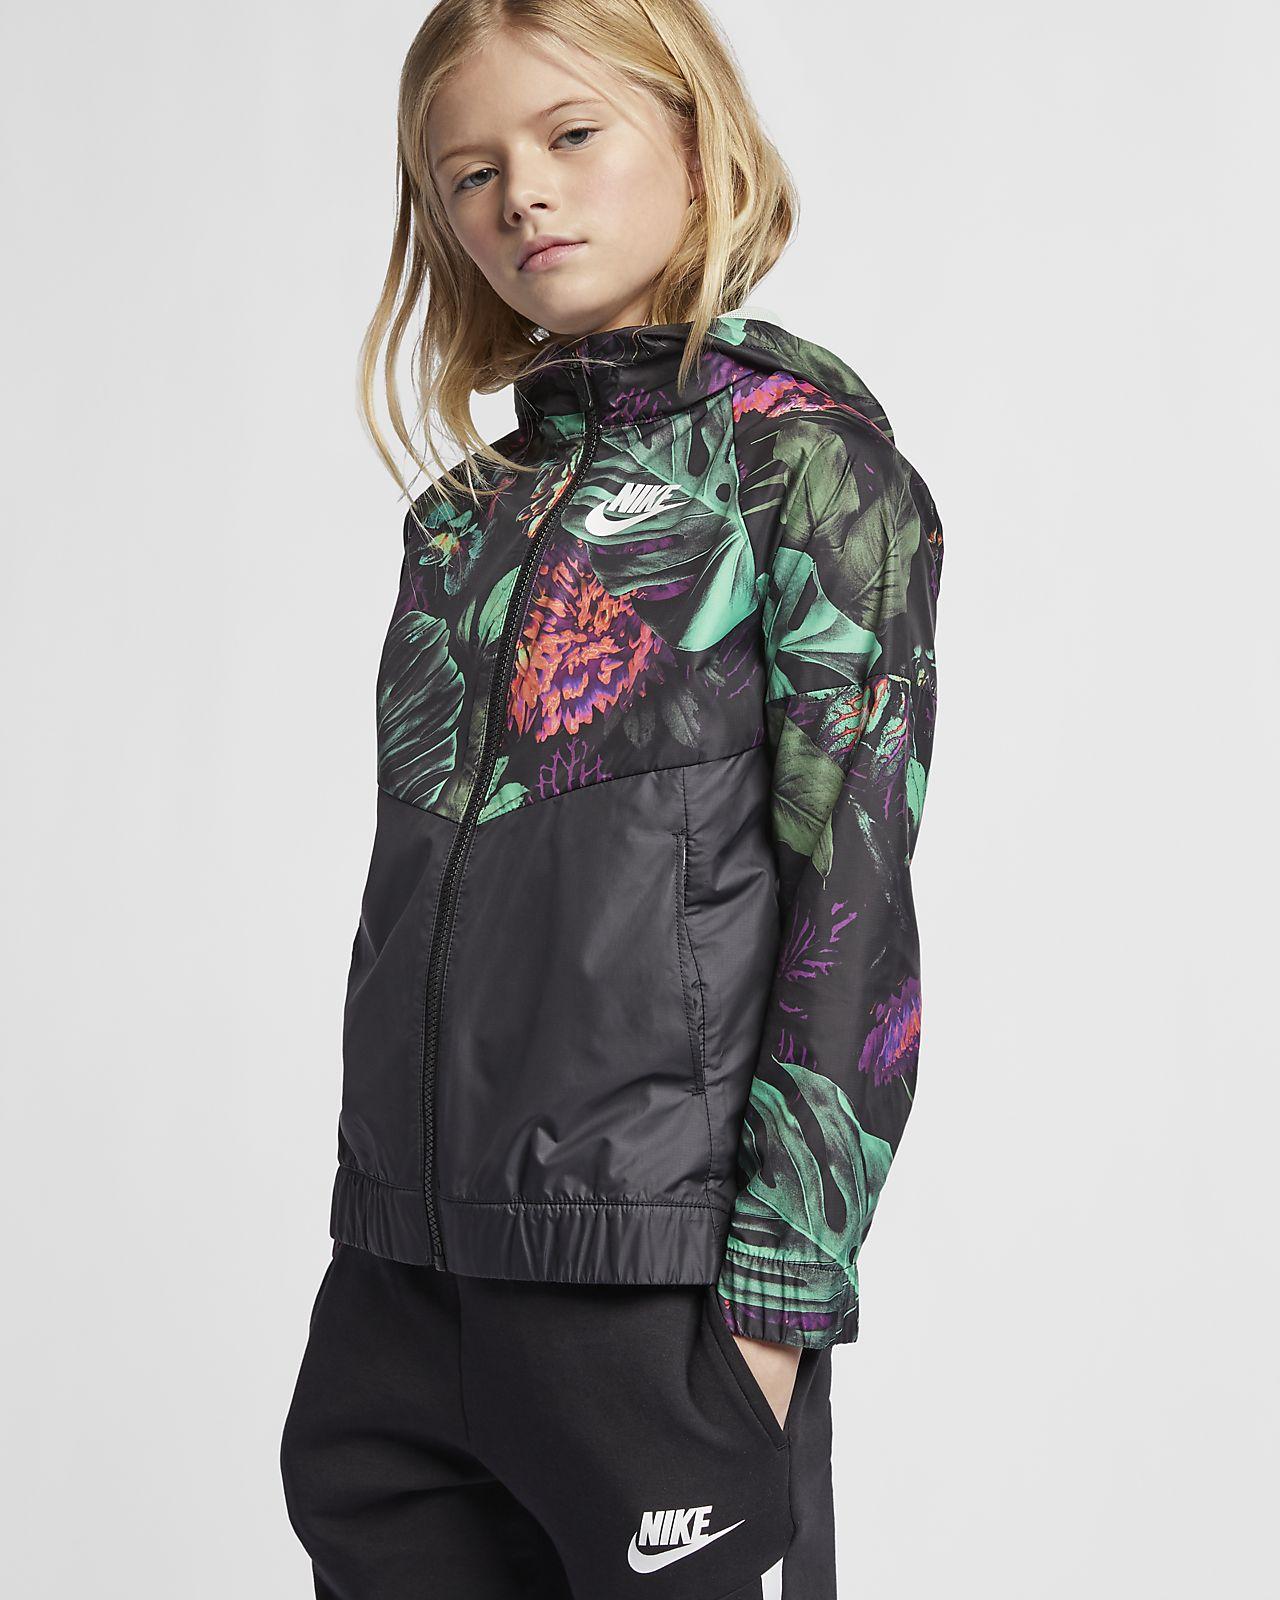 Nike Sportswear Windrunner 'Floral' Older Kids' (Girls') Floral Windbreaker